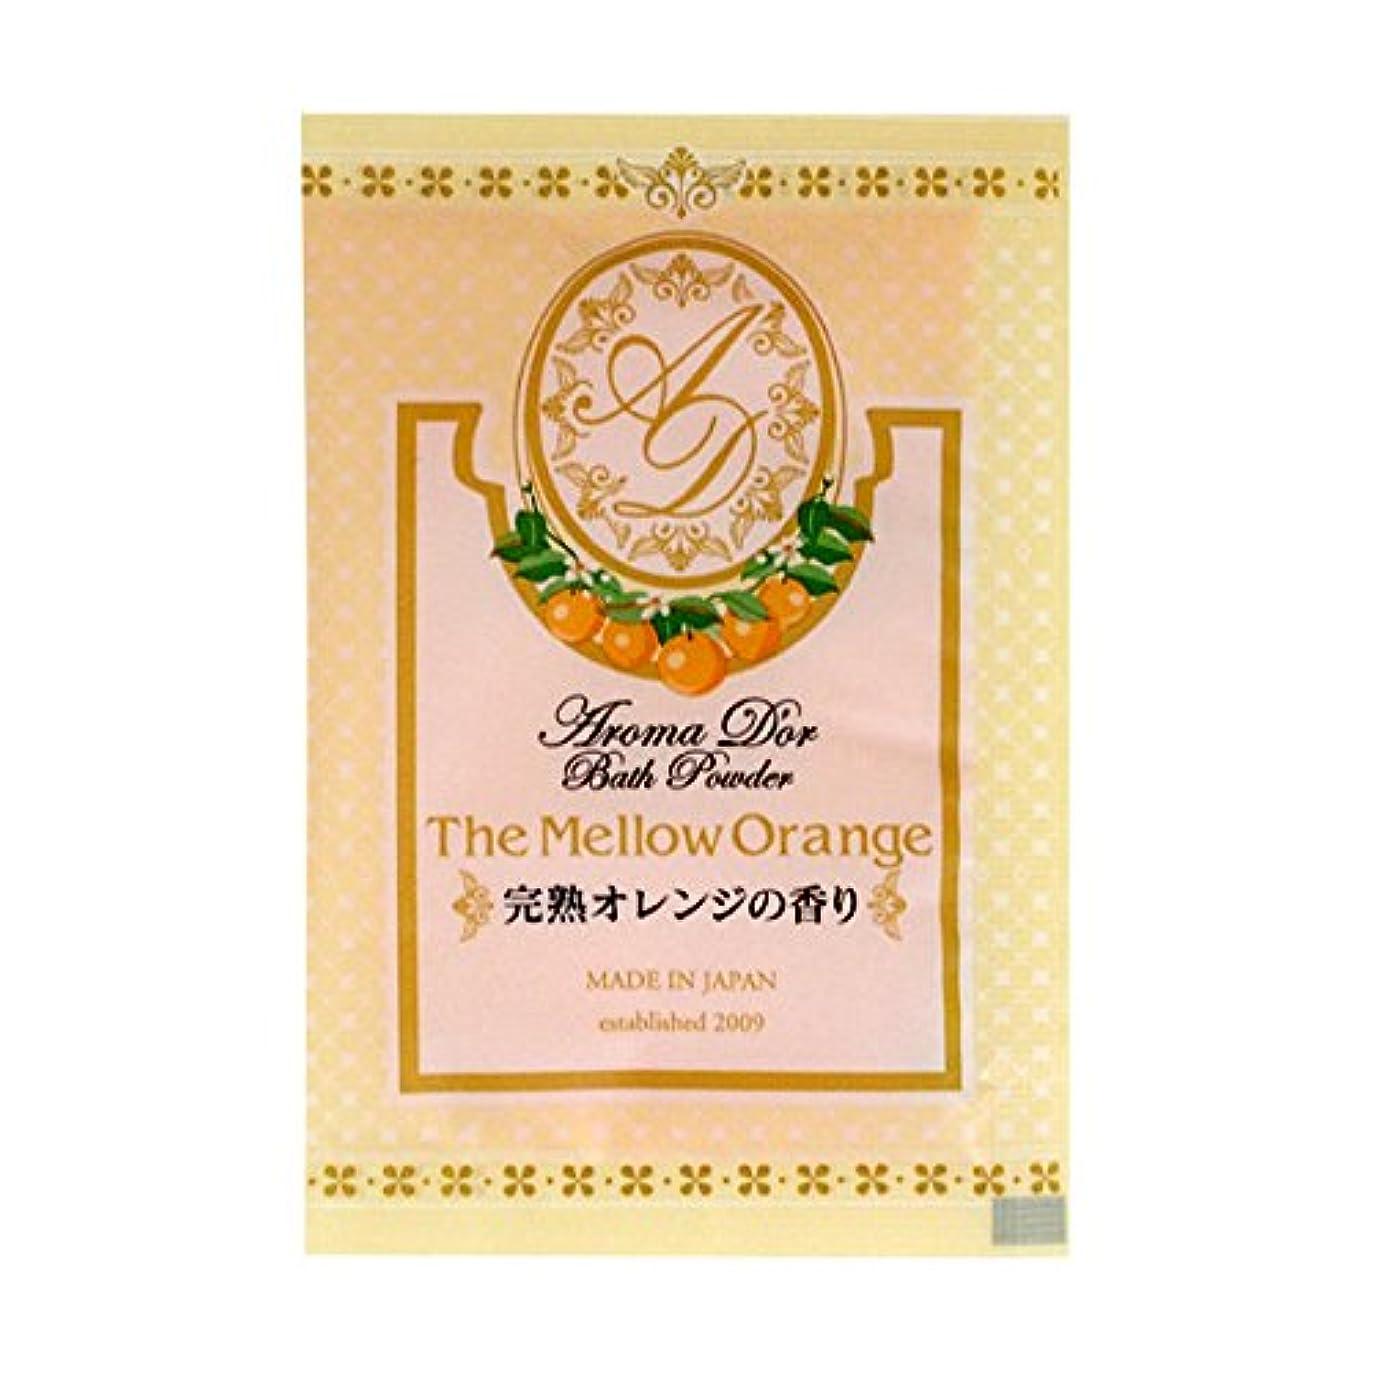 注入ジェーンオースティン怒り入浴剤 アロマドールバスパウダー 「完熟オレンジの香り」30個